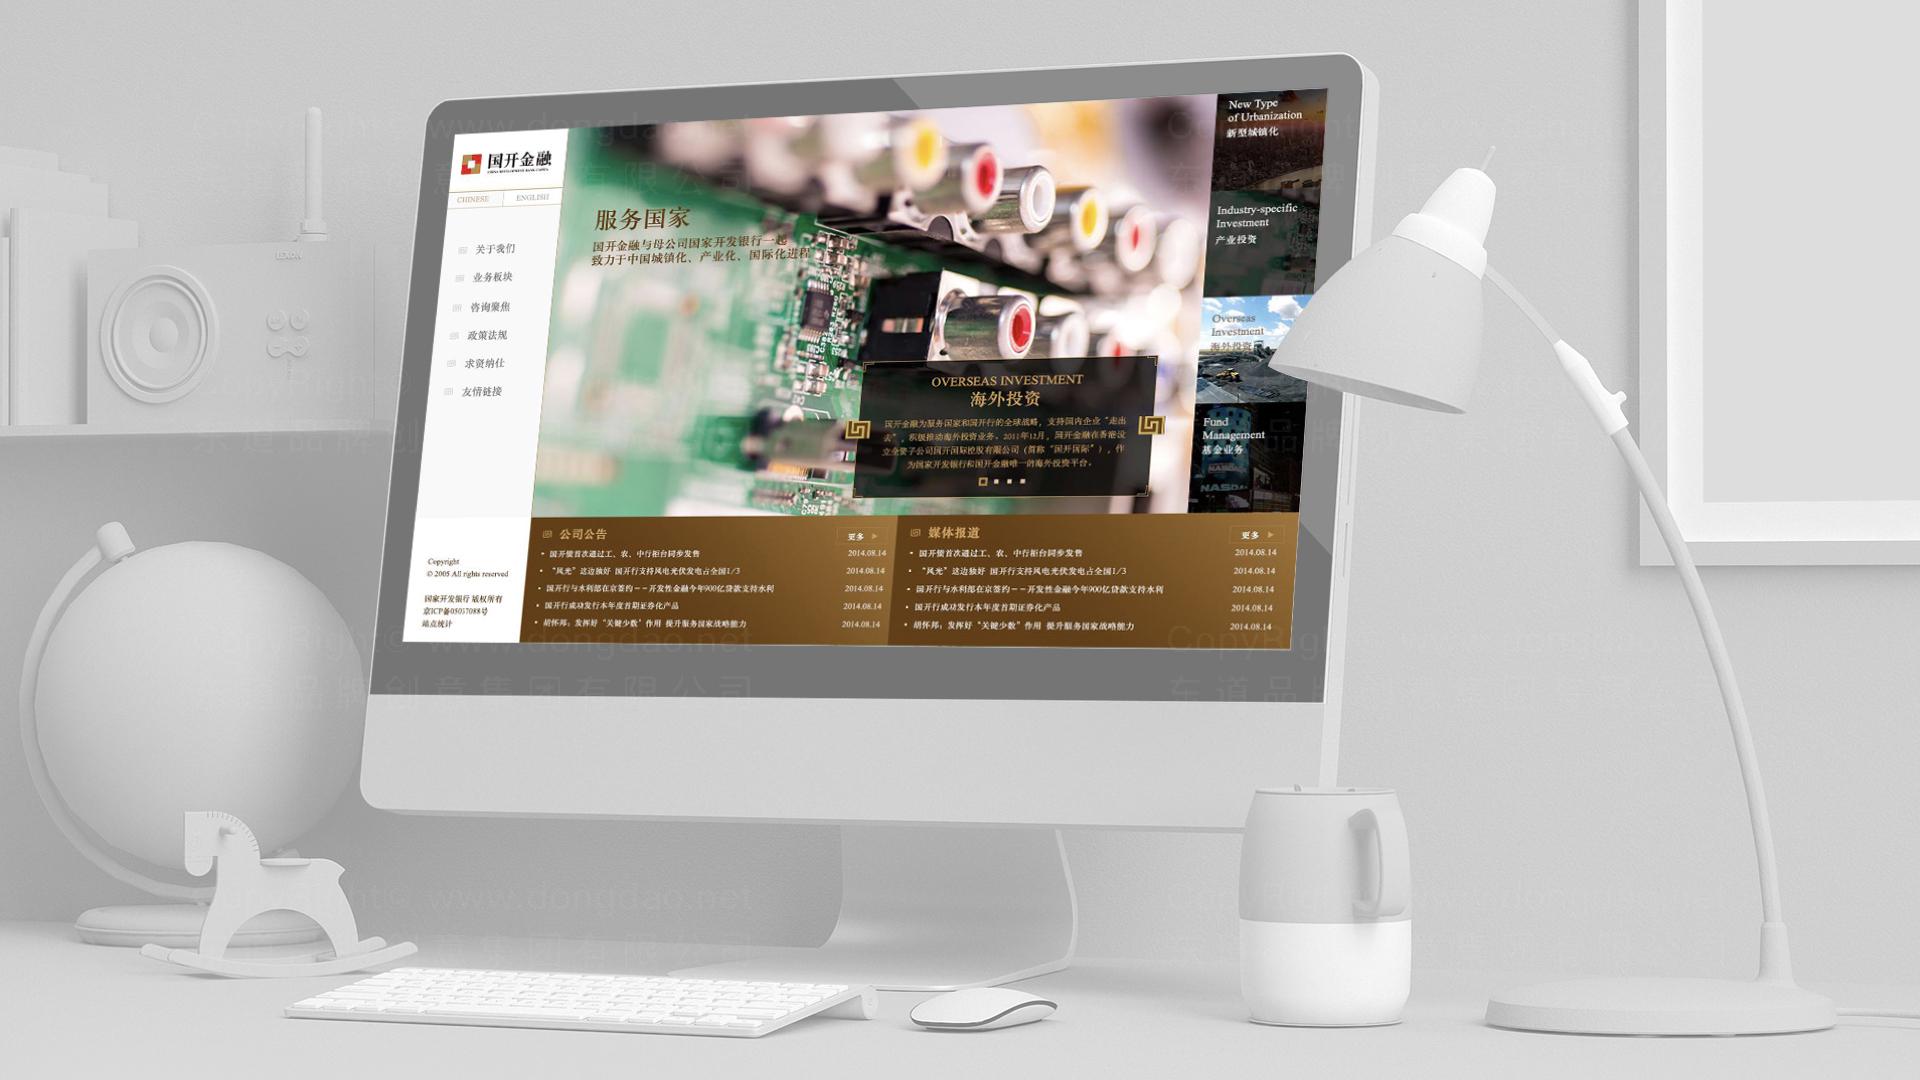 银行金融东道数字国开金融门户网站建设